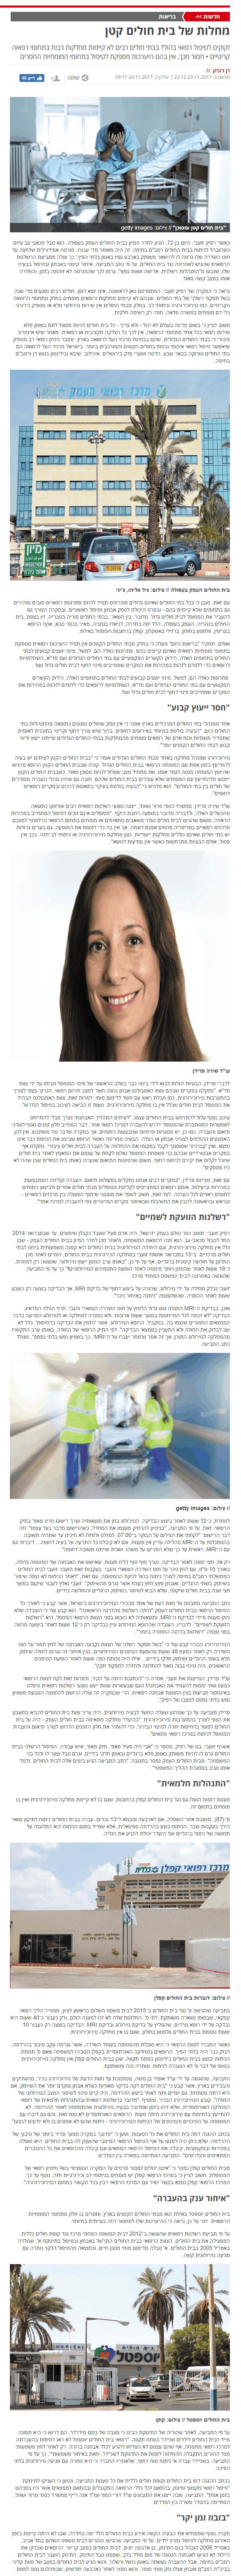 צילום מסך כתבה מאתר ישראל היום: מחלות של בית חולים קטן